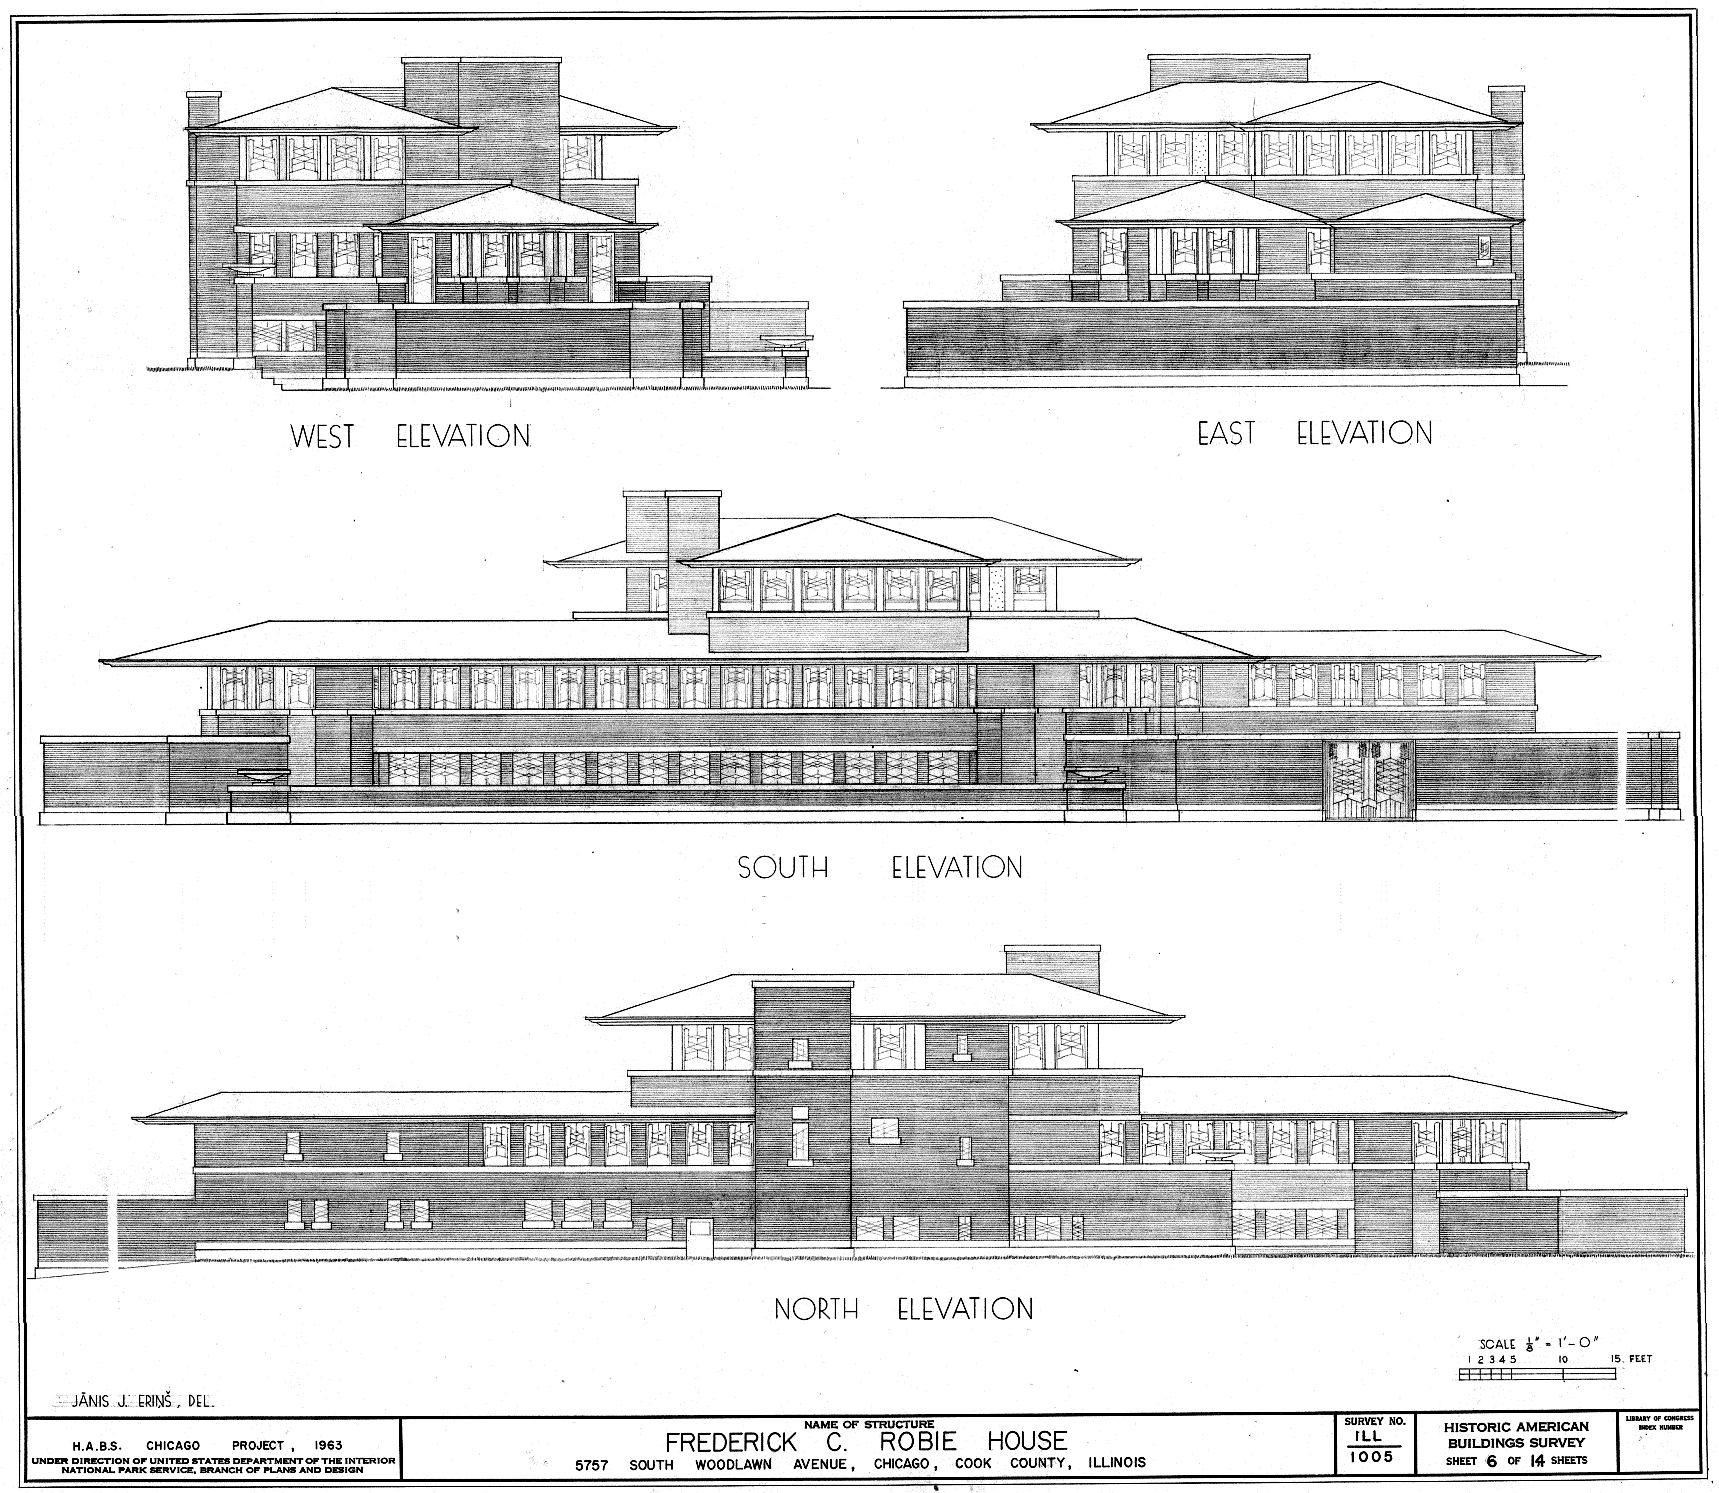 1909_Frank Lloyd Wright_Robie House